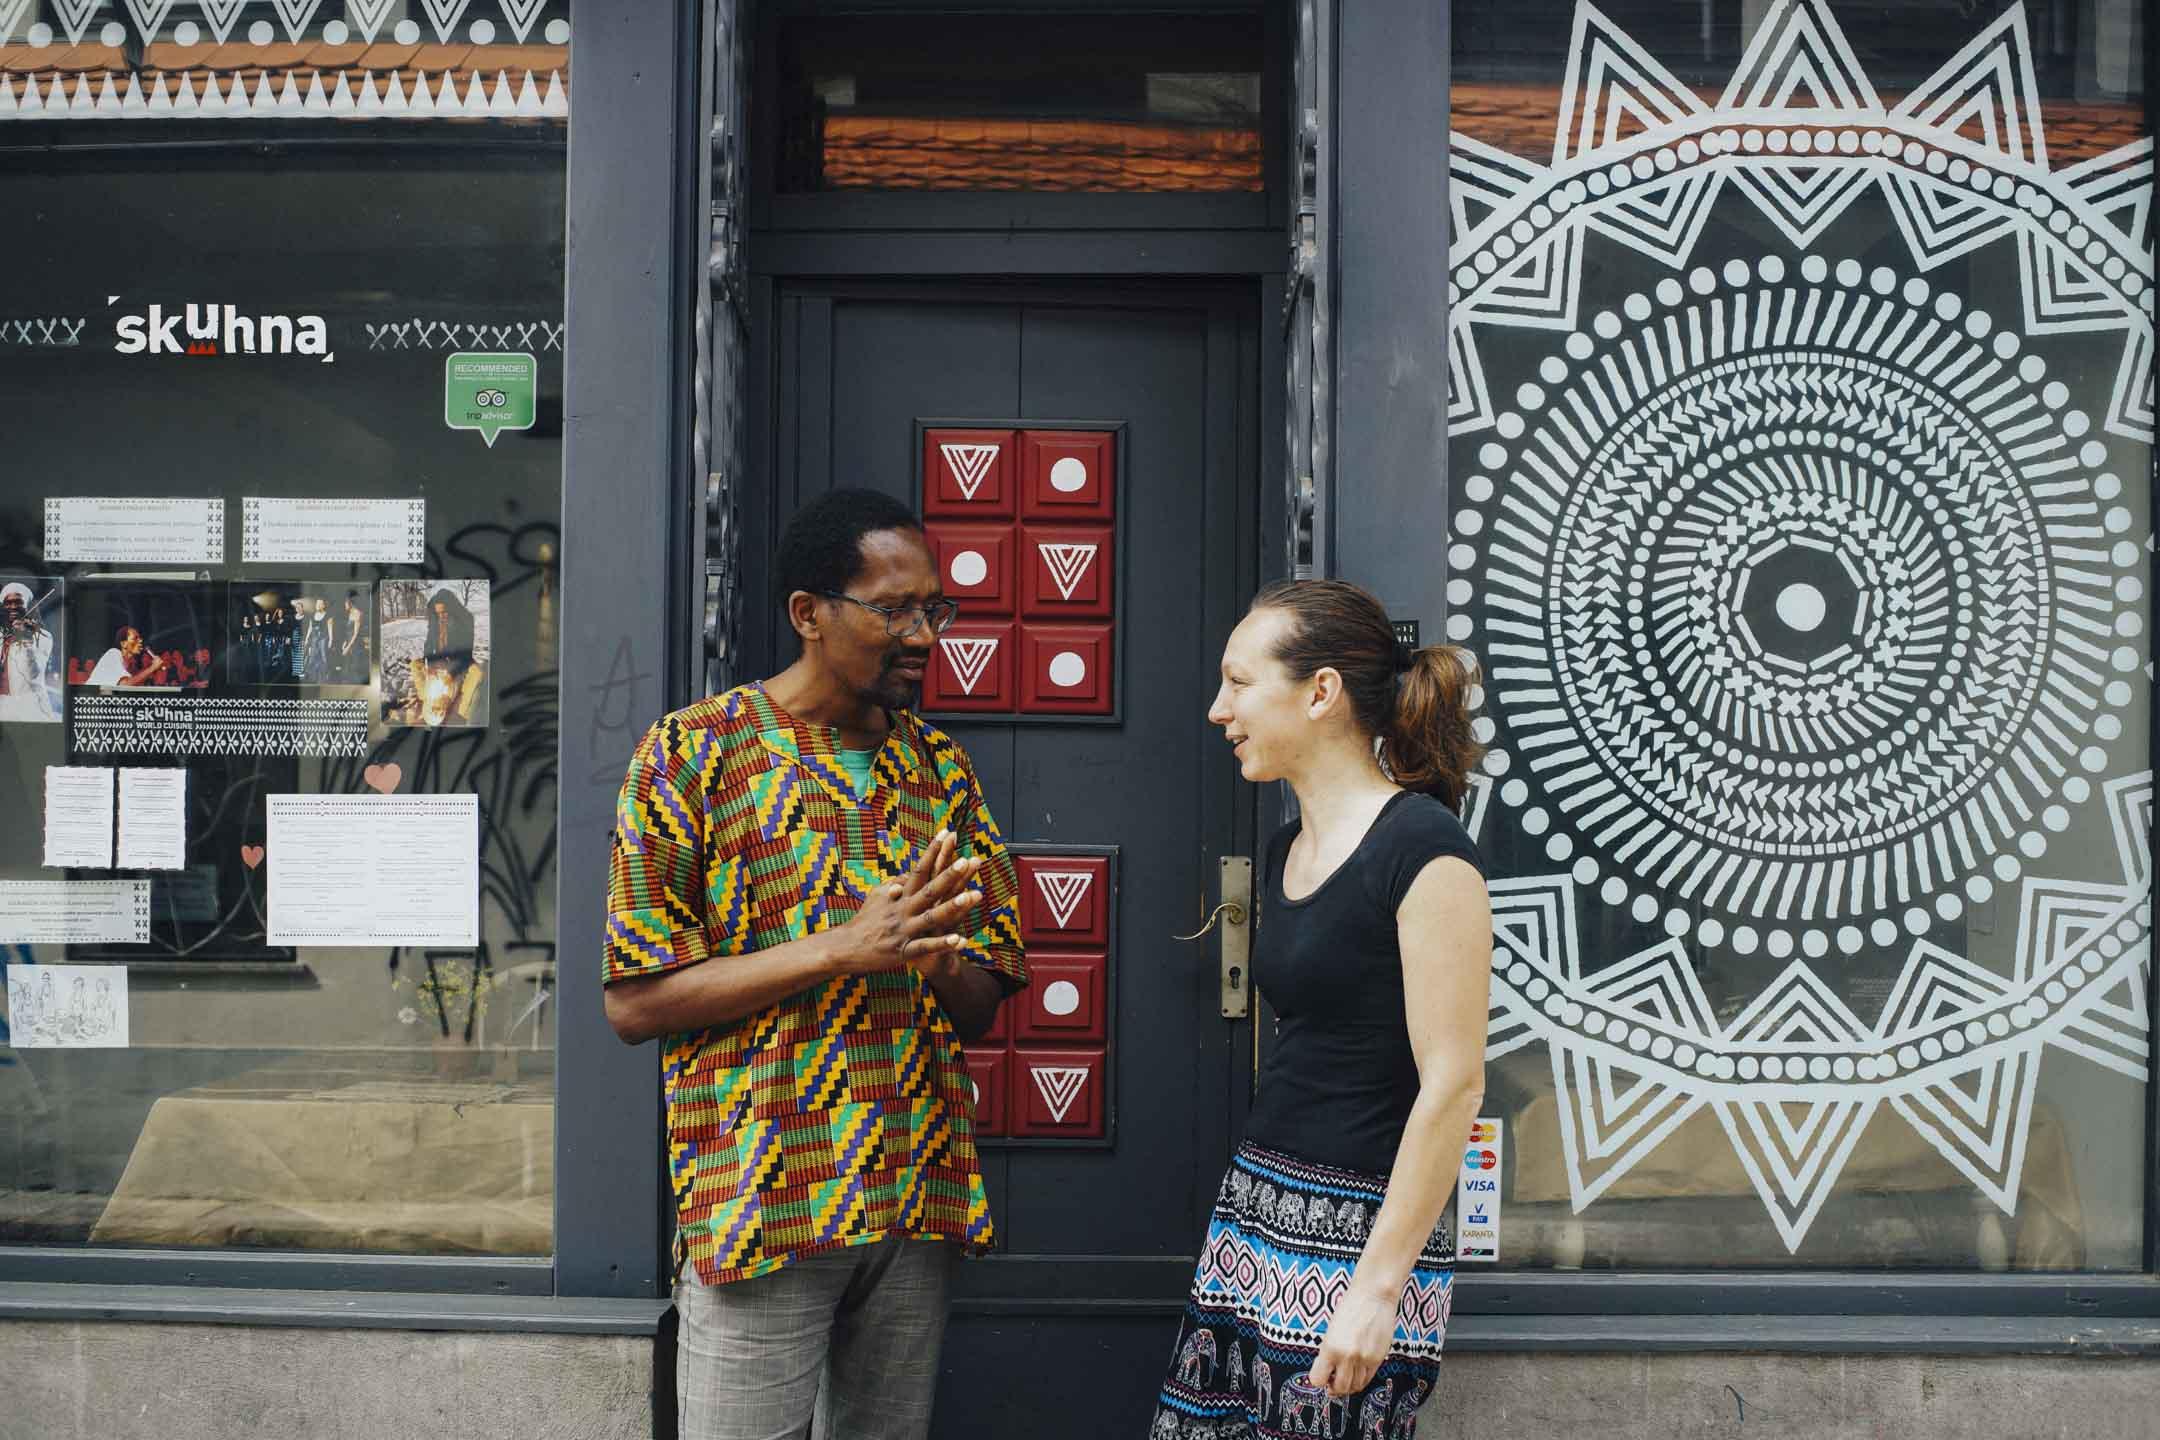 專聘請移民工作的社會企業餐廳Skuhna,創辦人Max和Teja。 攝影:阿嬋